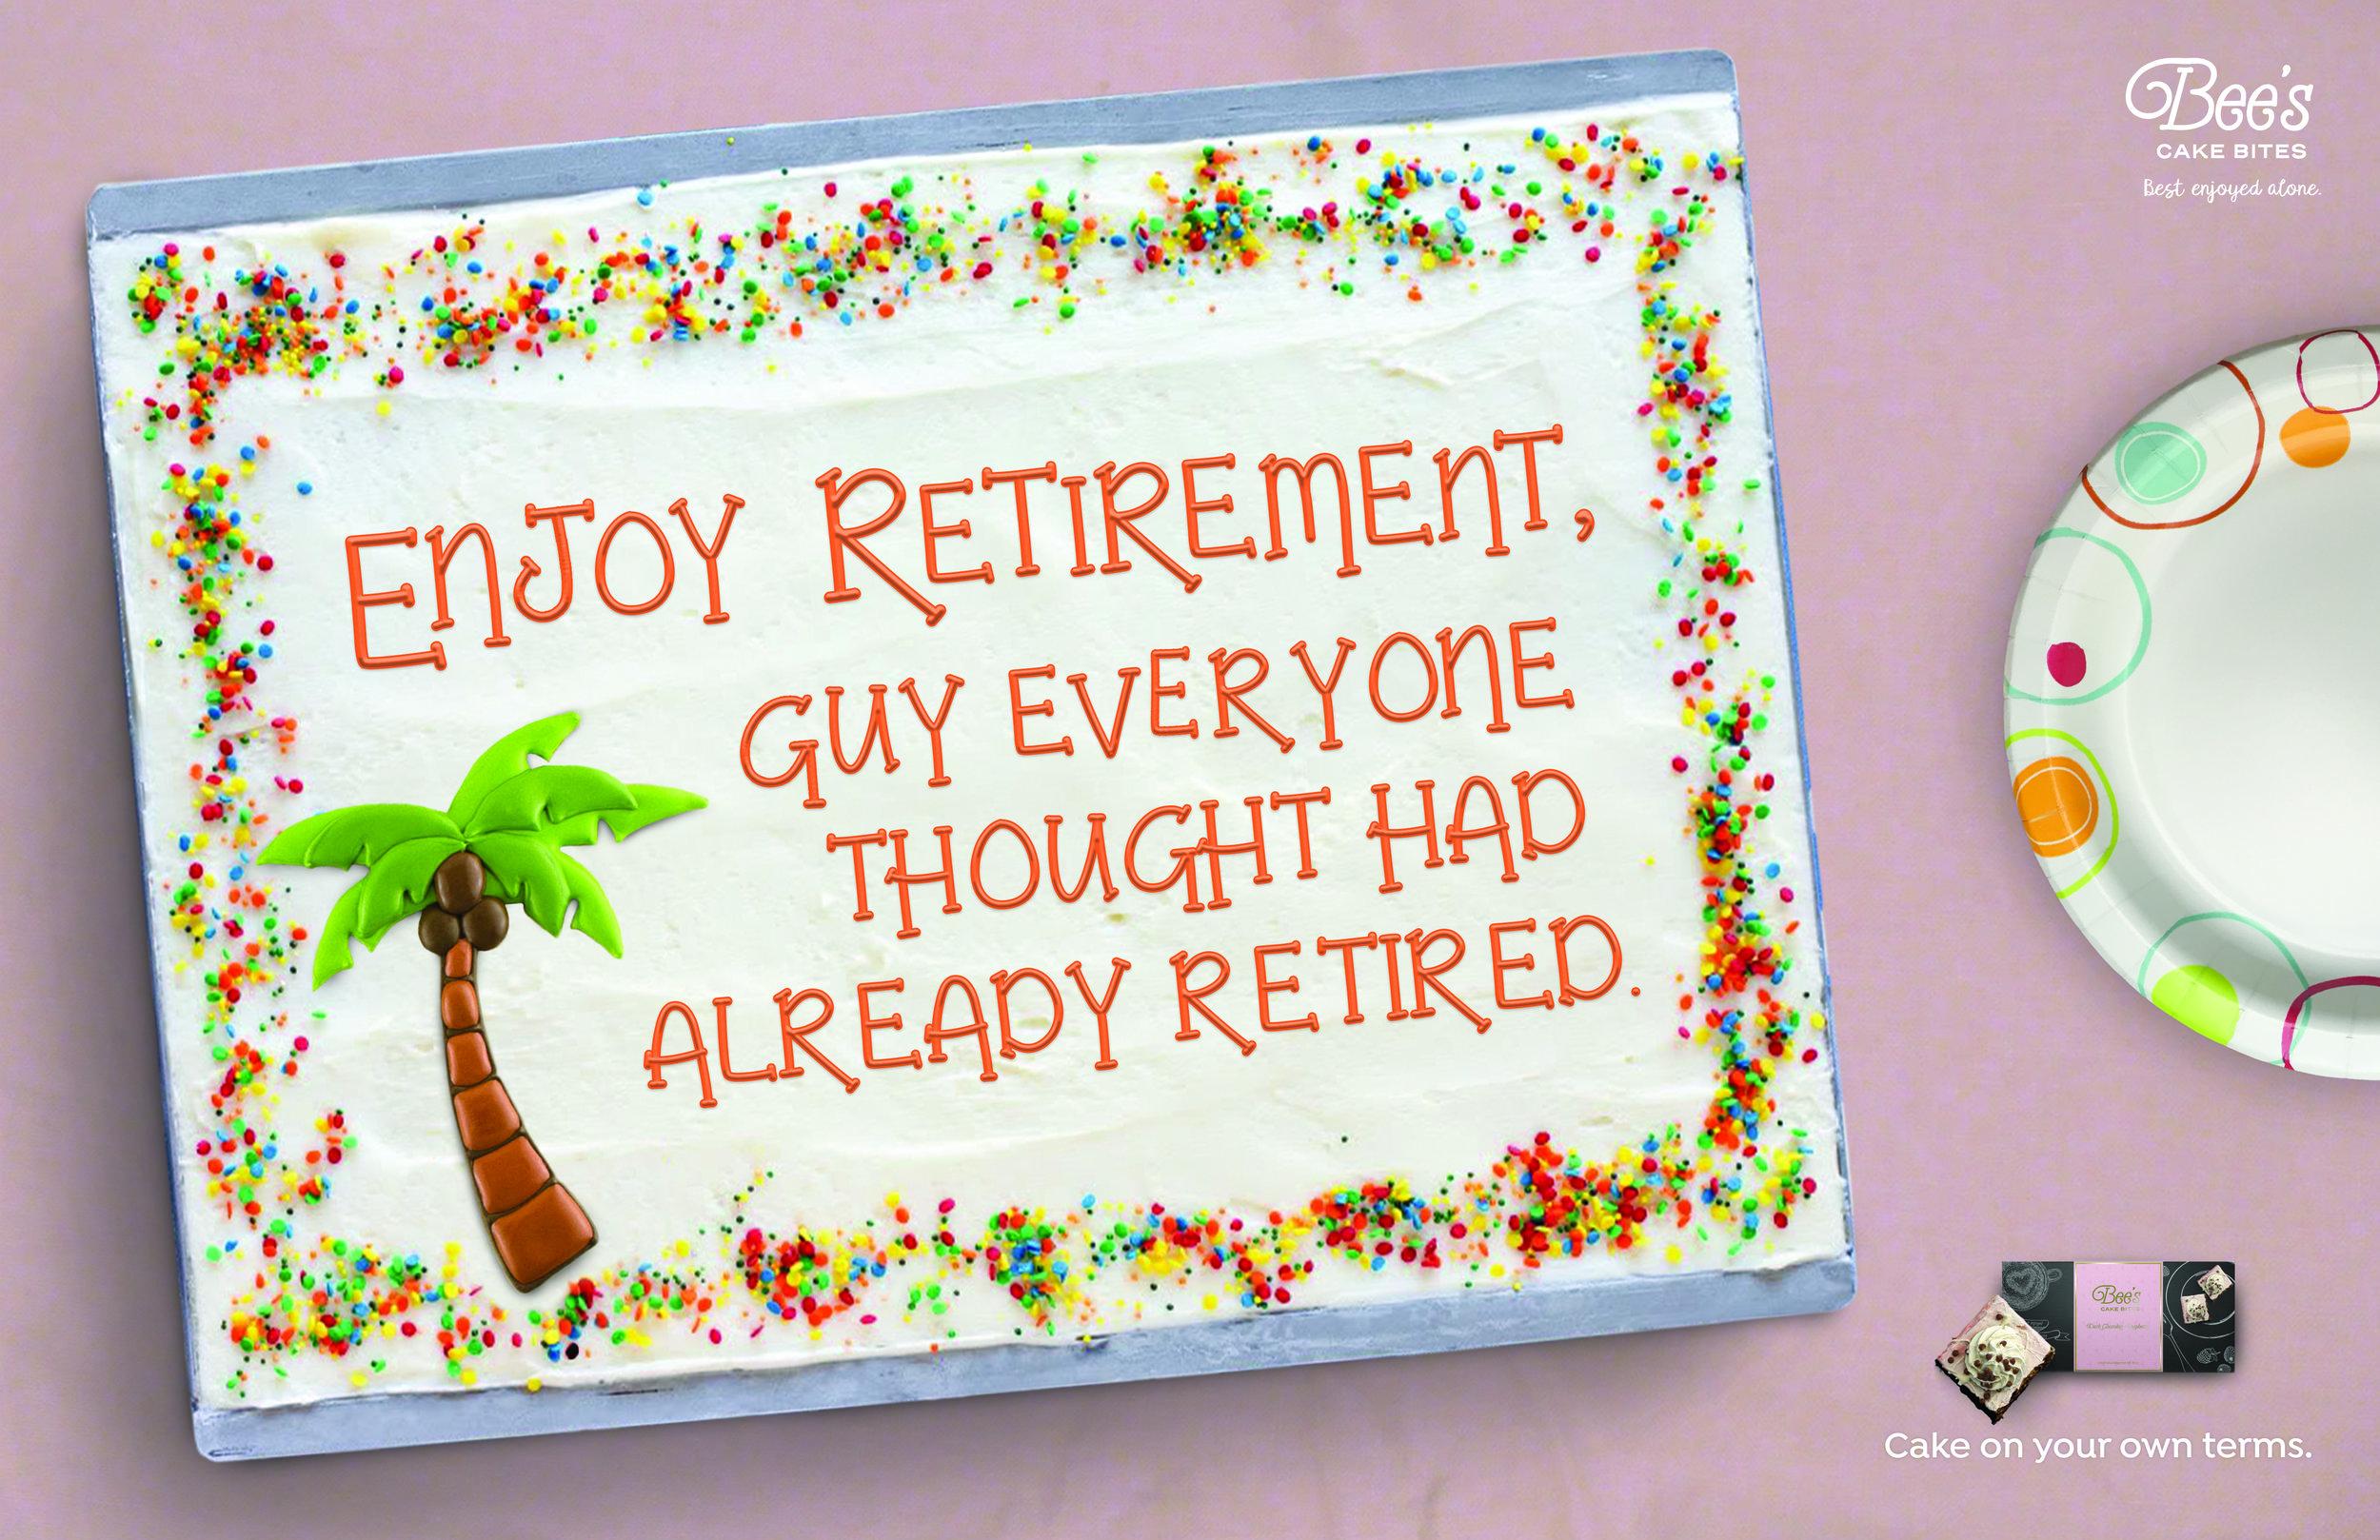 BeesPrint_Retirement.jpg